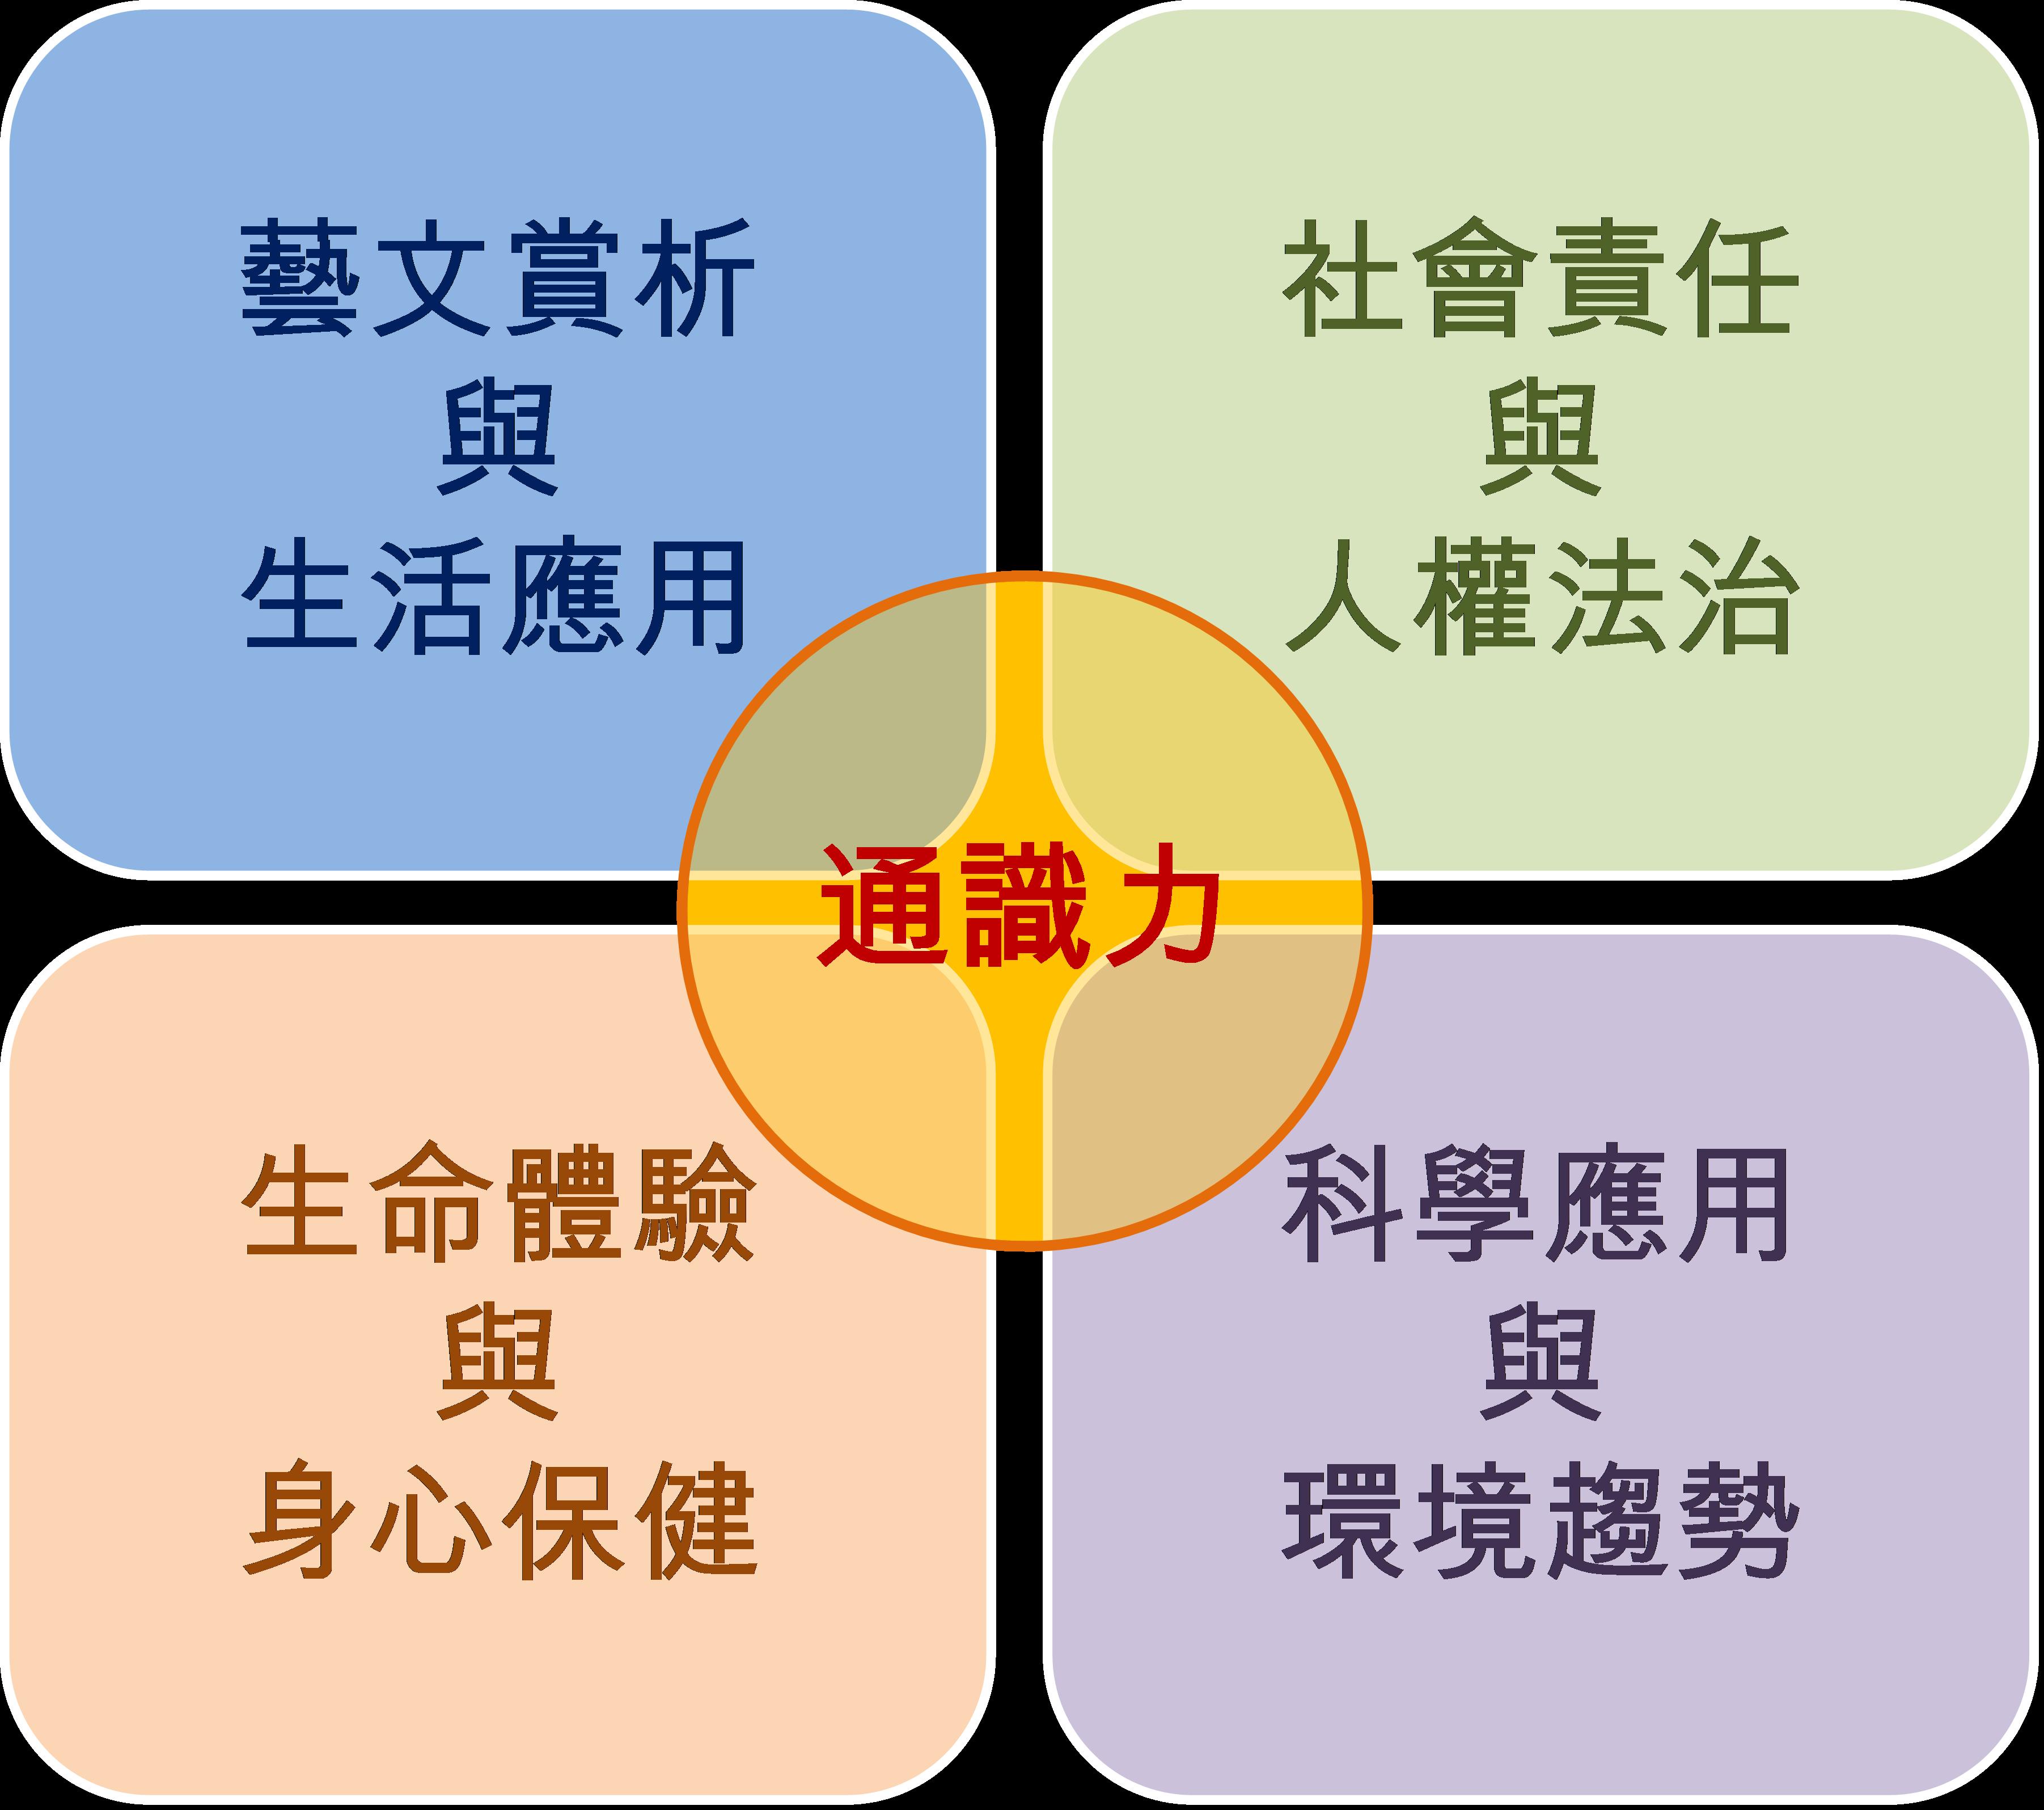 通識教育核心能力指標